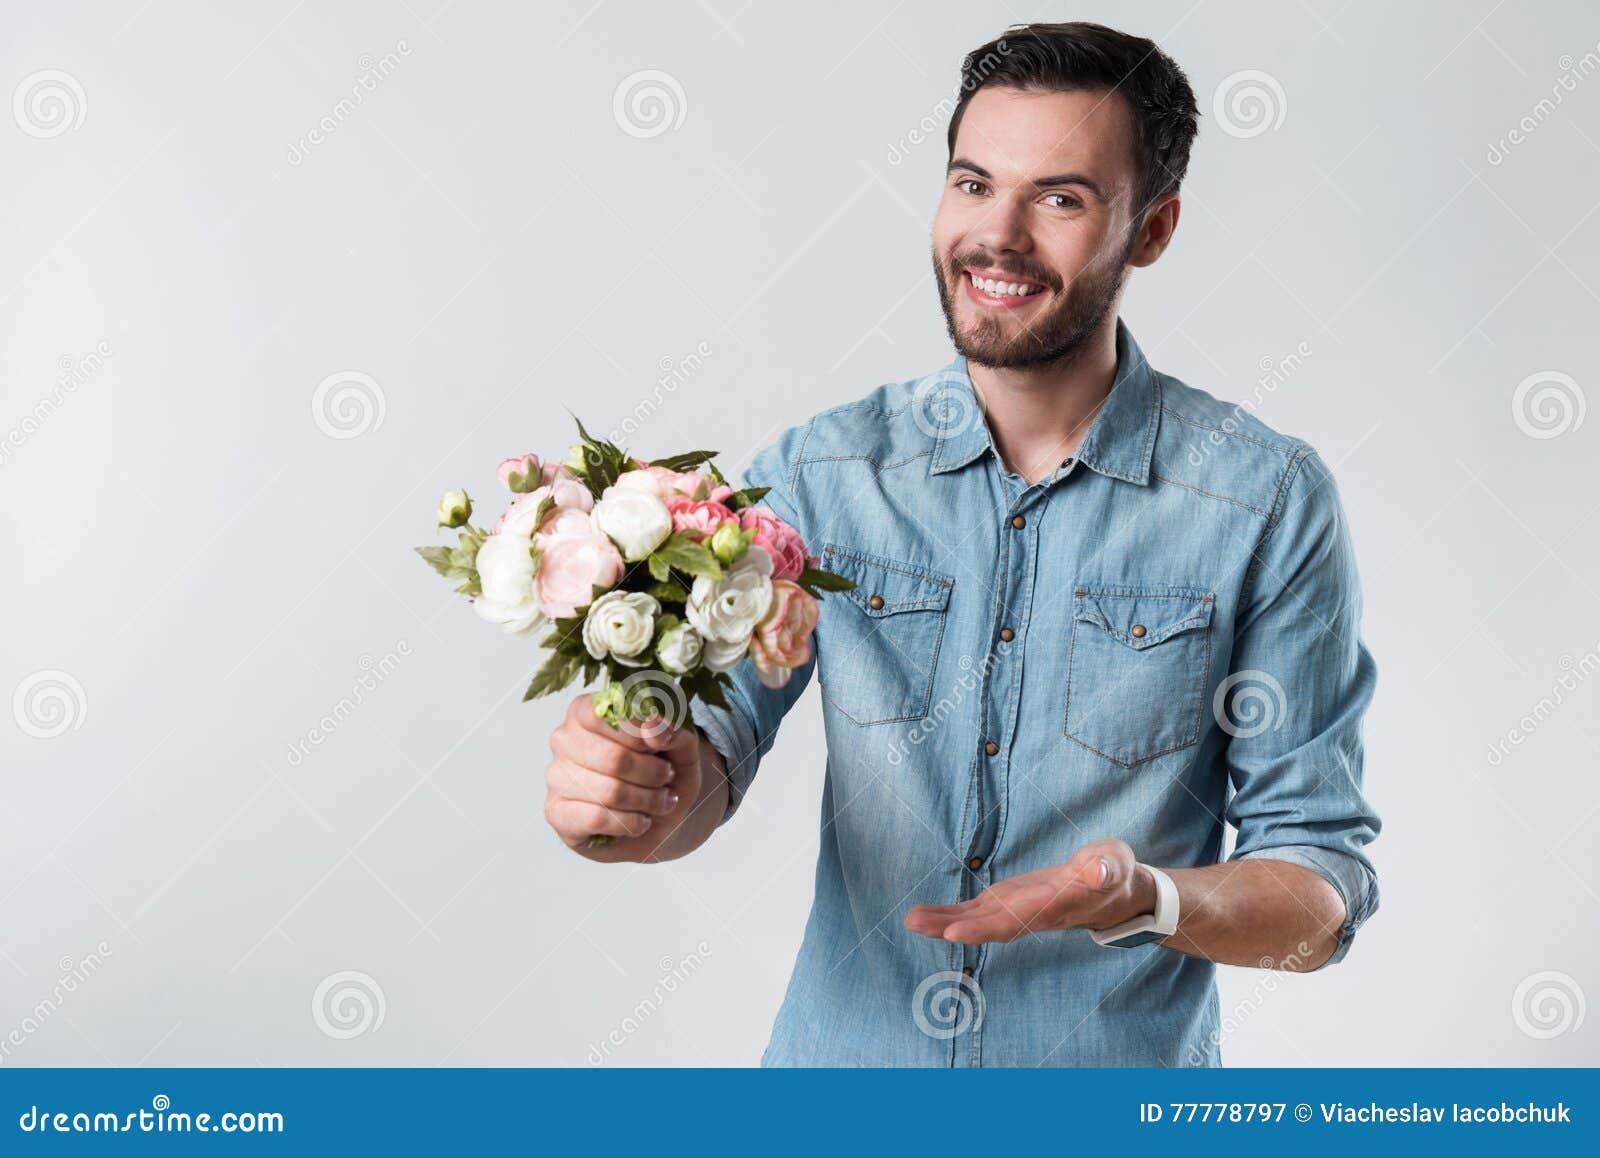 Mazzo Di Fiori Uomo.Uomo Barbuto Romantico Che Sorride E Che Tiene Un Mazzo Di Fiori